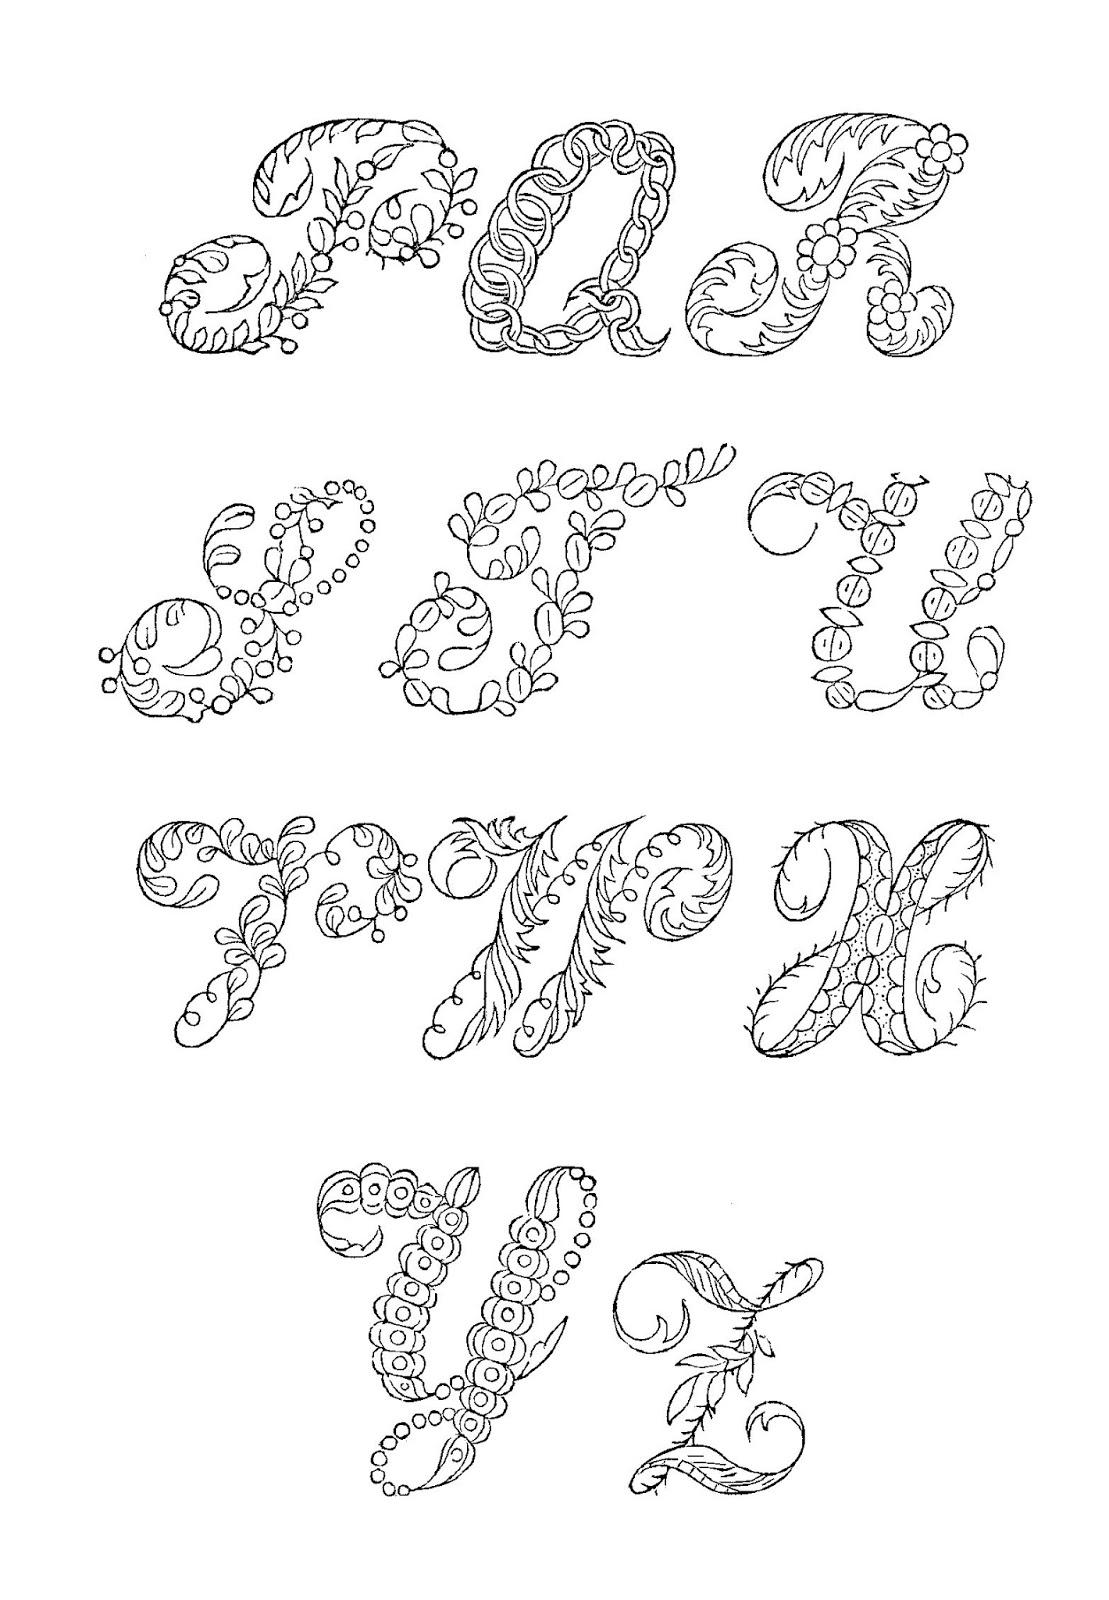 Digital Stamp Design Royalty Free Font Alphabet Images